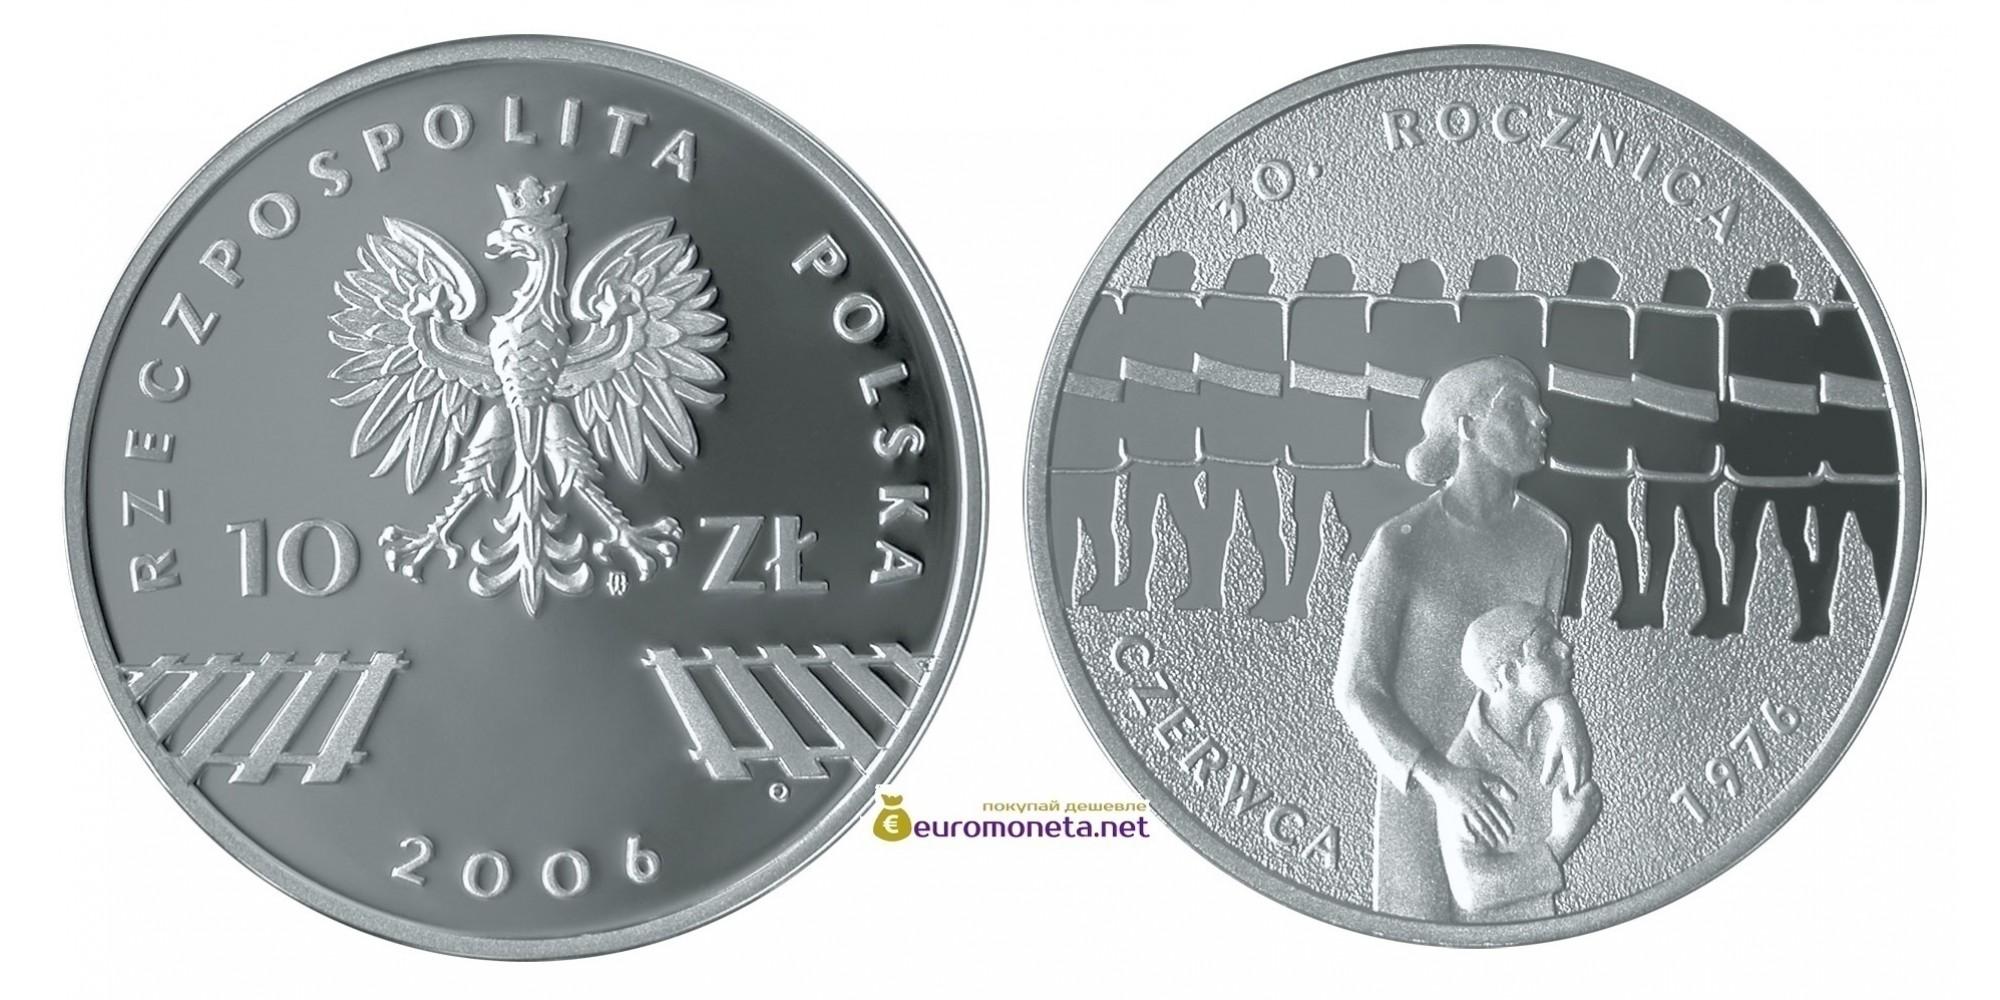 Польша 10 злотых 2006 год 30-летие 76-го июня пруф слаб серебро PR70